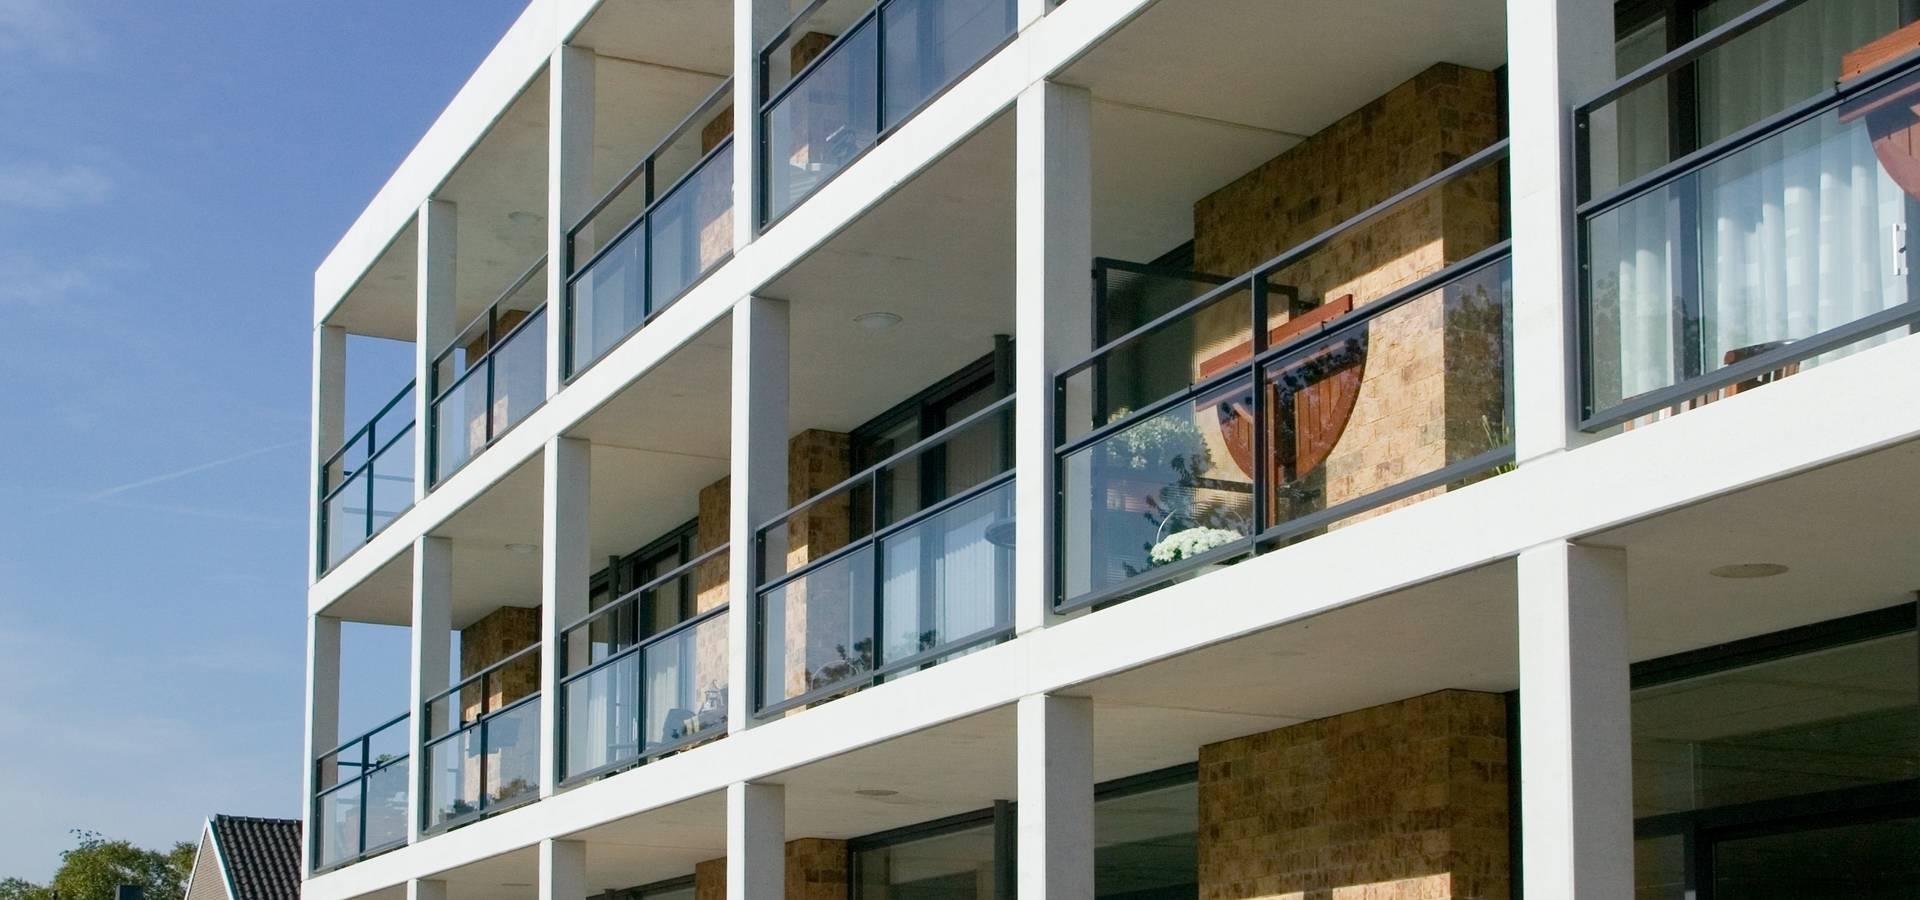 HVE Architecten bv